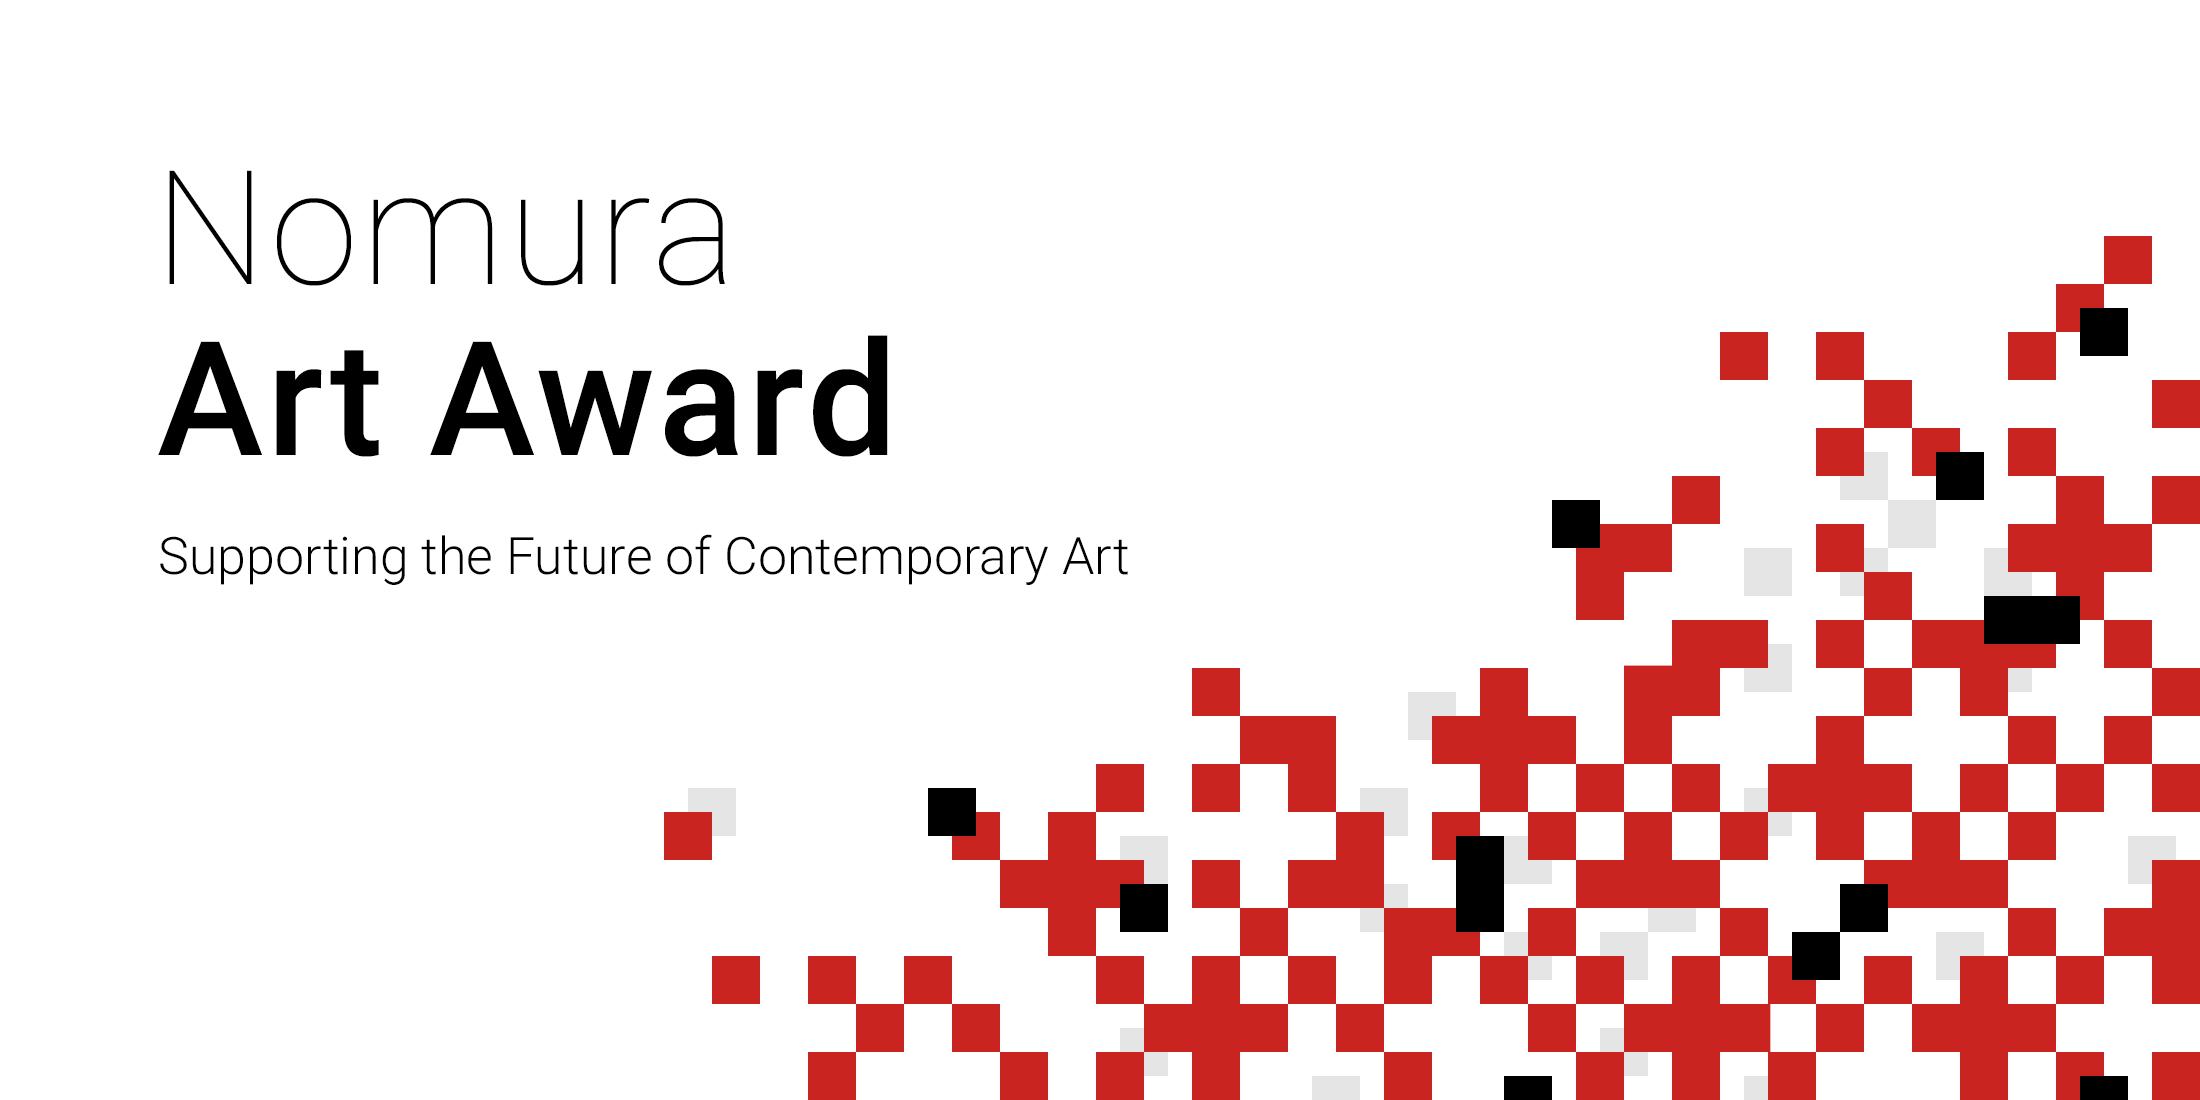 桁違い賞金100万ドル! 野村ホールディングスが世界最高額の「野村アートアワード」創設!